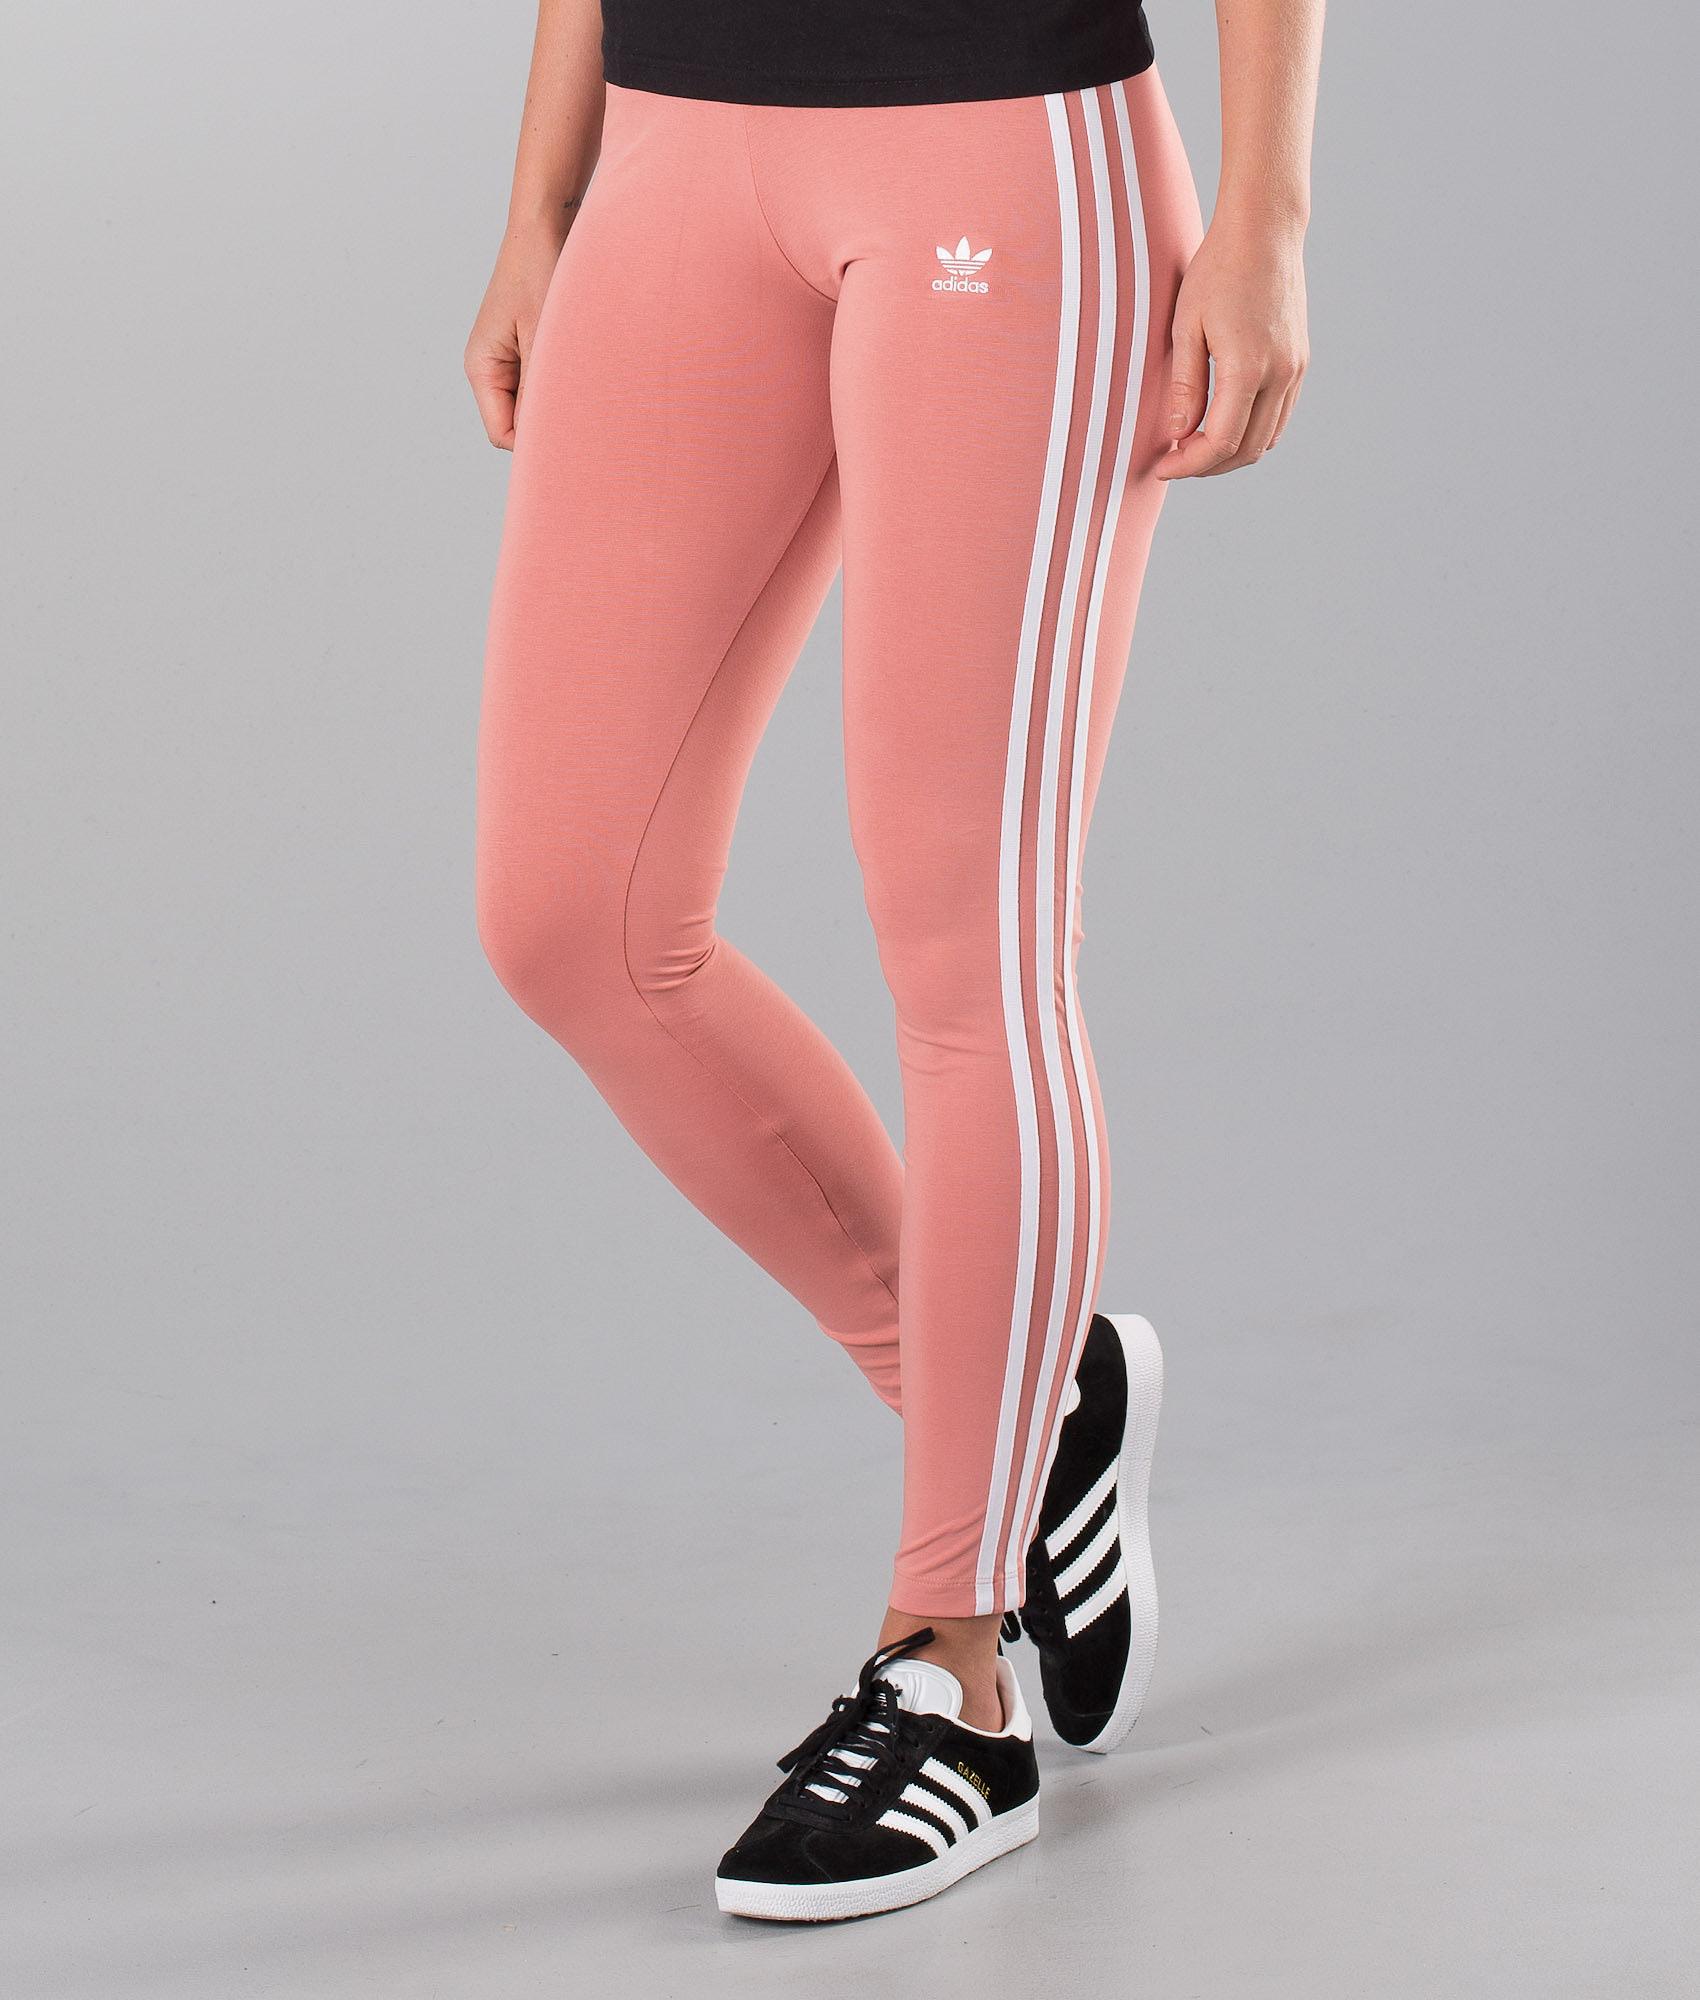 5434d3329ba Adidas Originals 3 Stripes Leggings Ash Pink - Ridestore.com